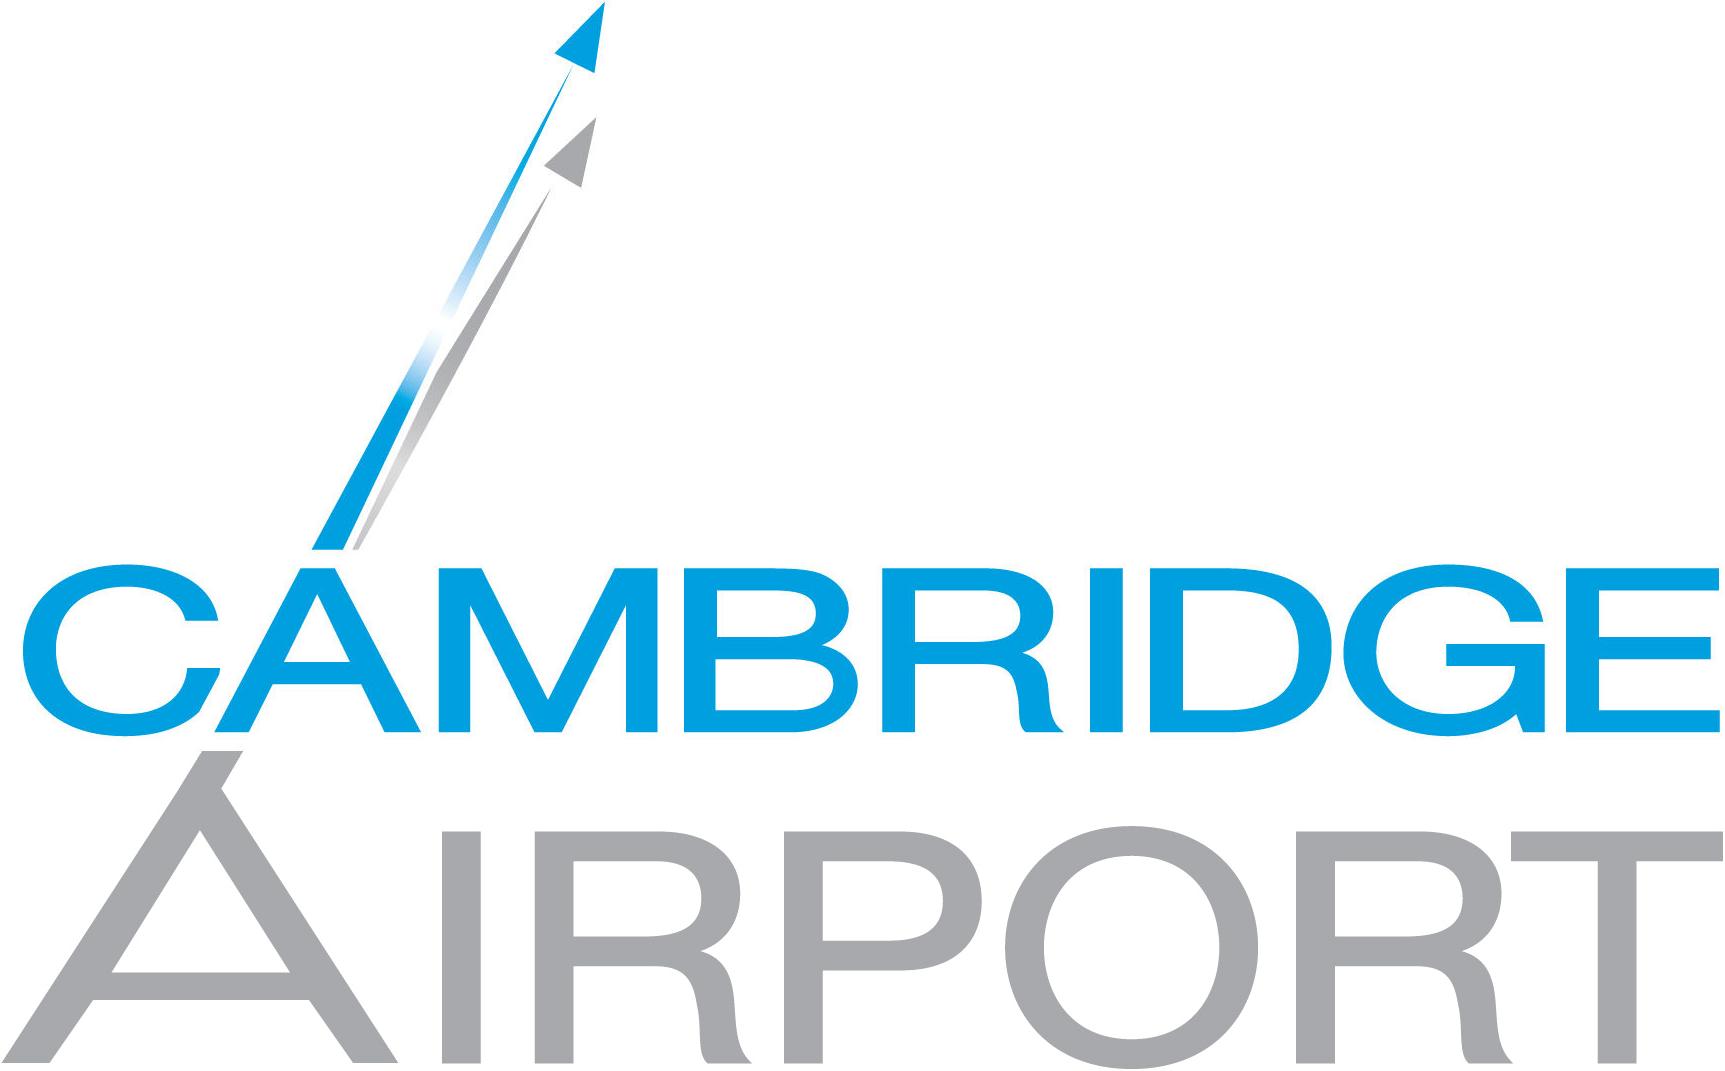 Cambridge Airport